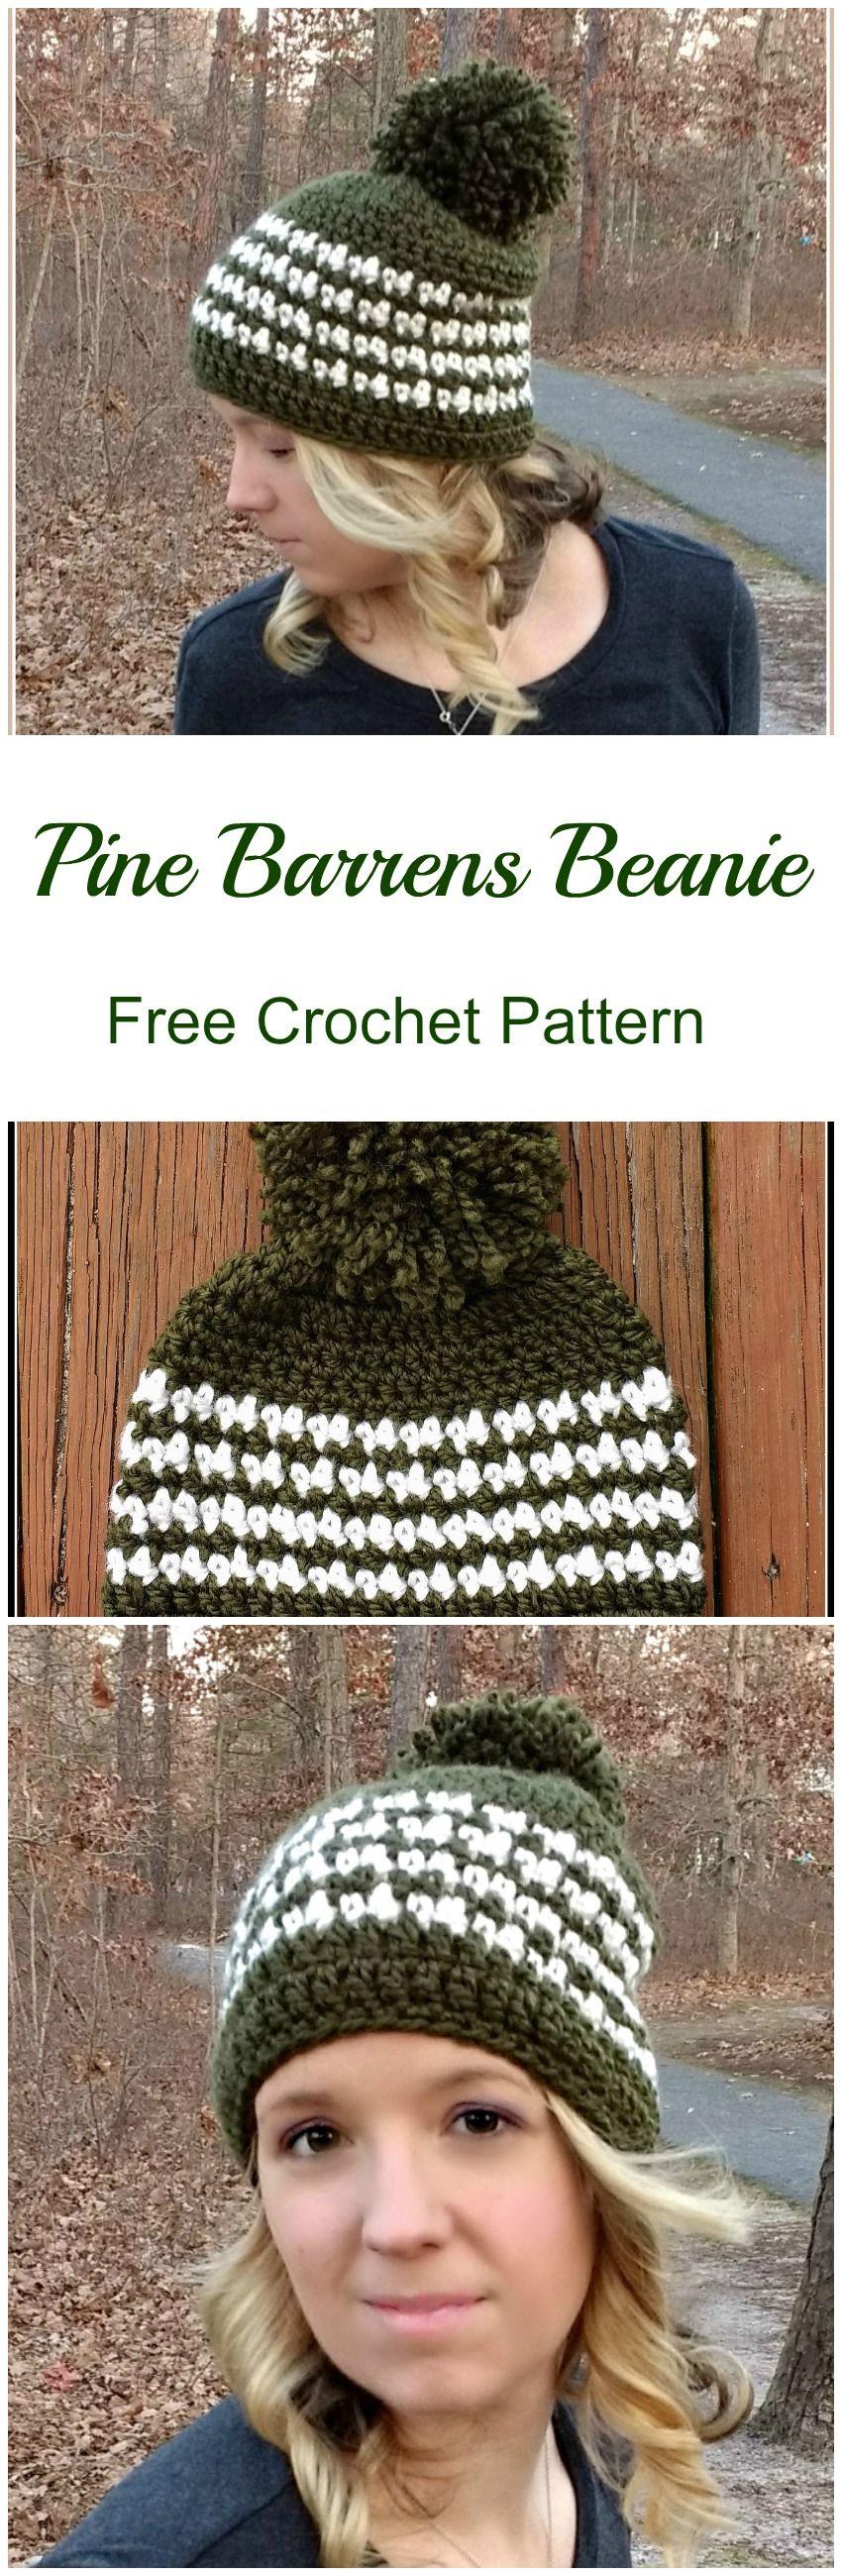 Pin de Jennifer Powell en Crocheting & Knitting DIY | Pinterest ...